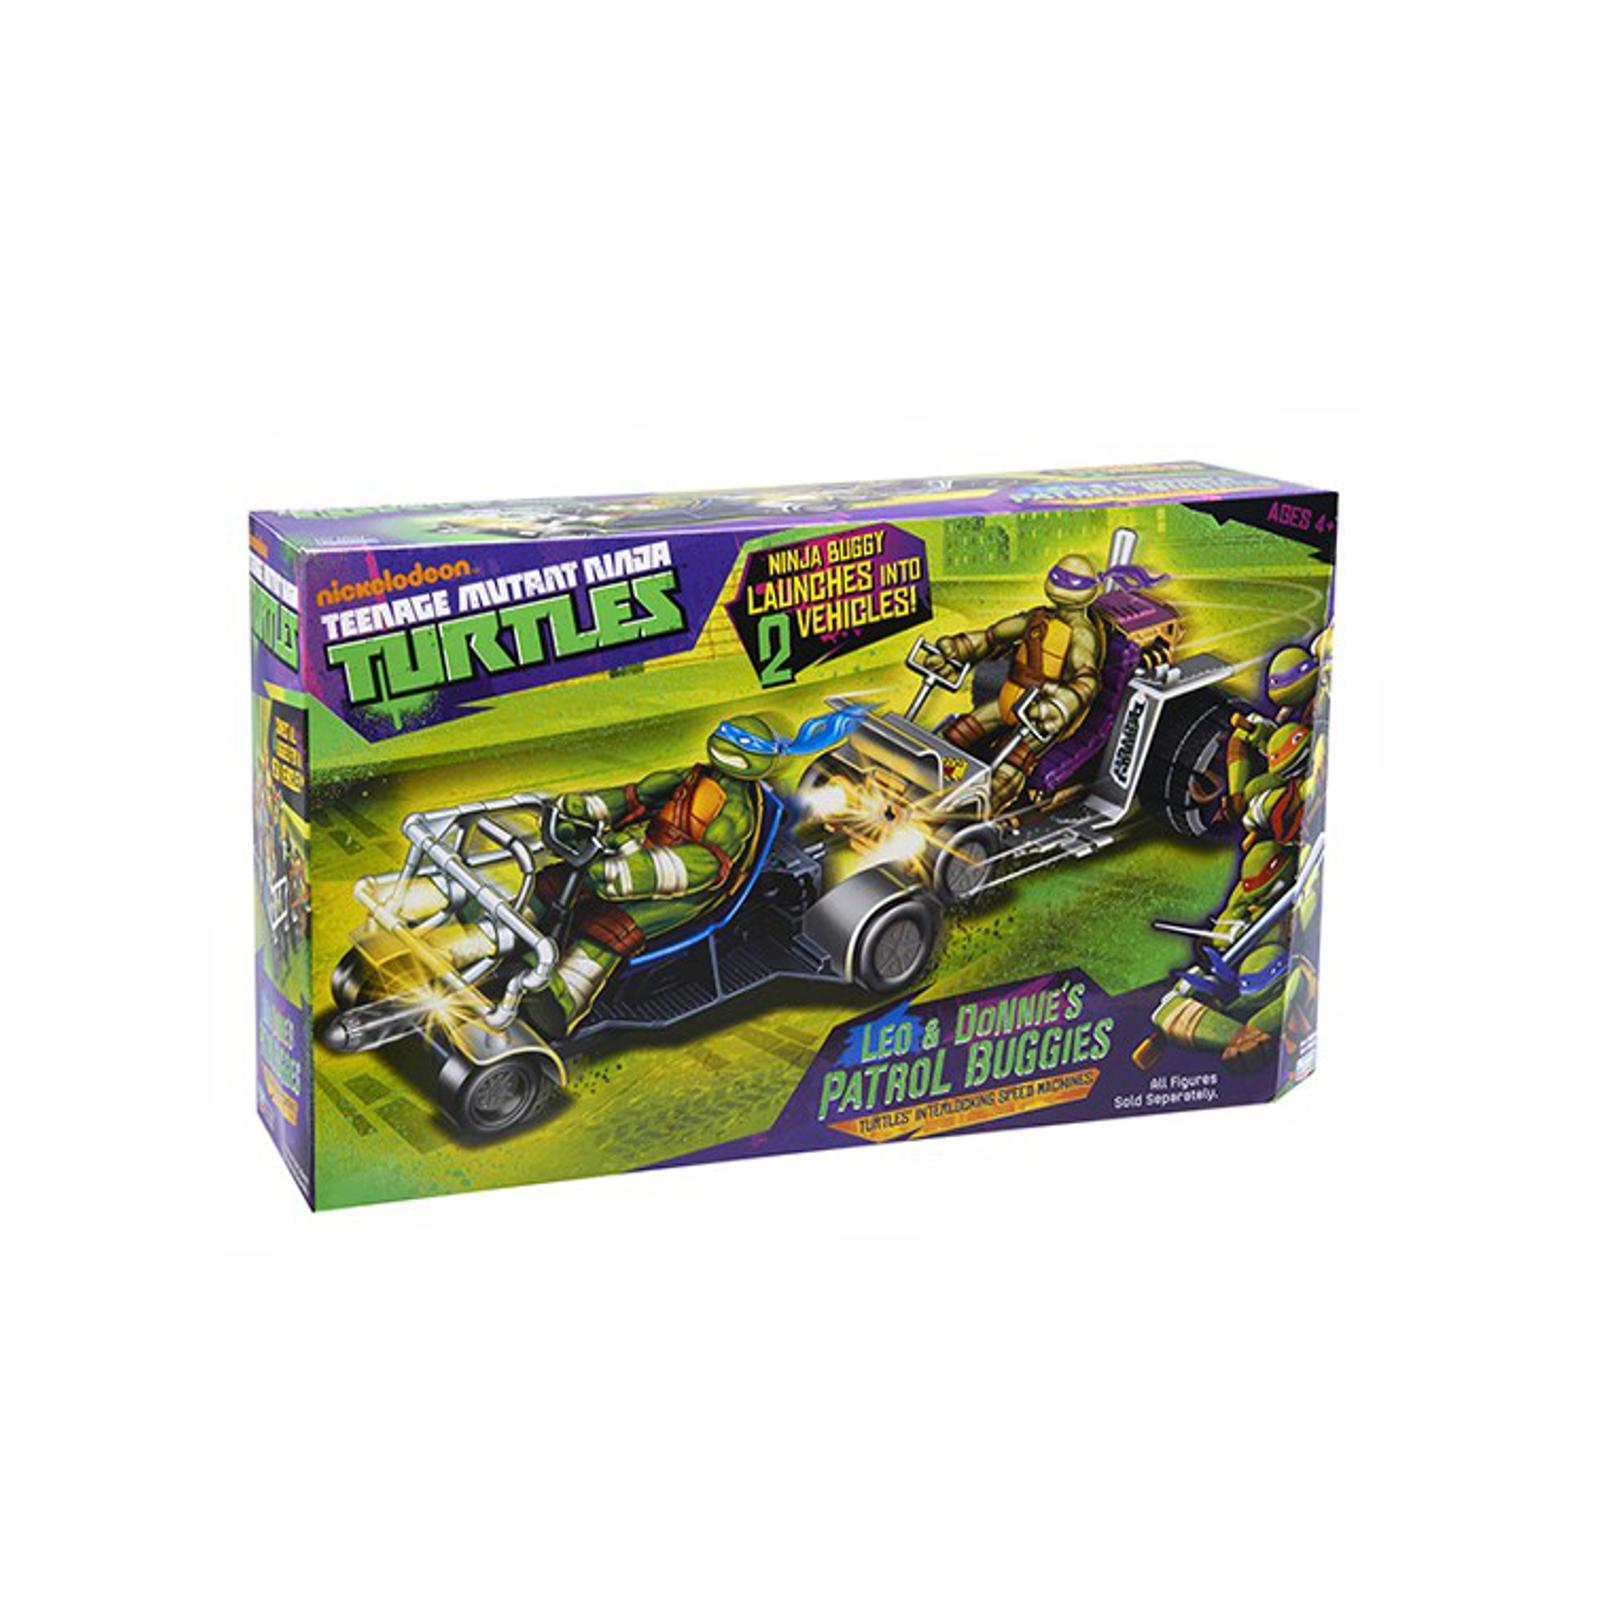 Игровые наборы Playmates Черепашки Ниндзя Патрульные Багги (Лео и Дон)